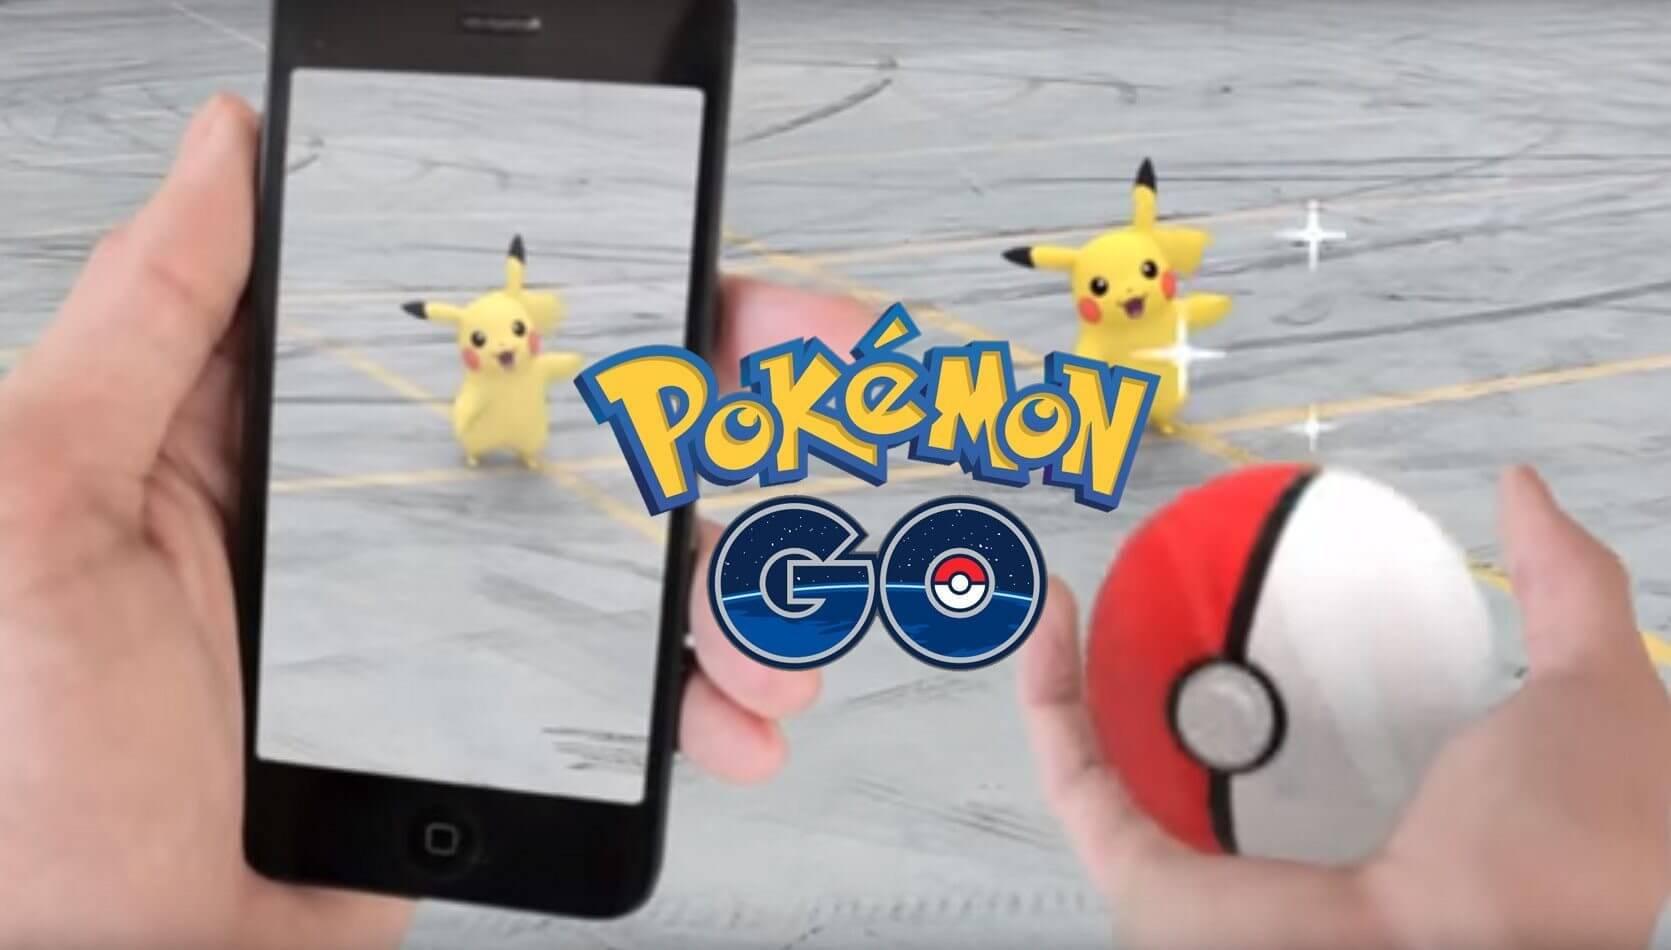 sadada - Pokémon Go chega em julho para iPhone e Android